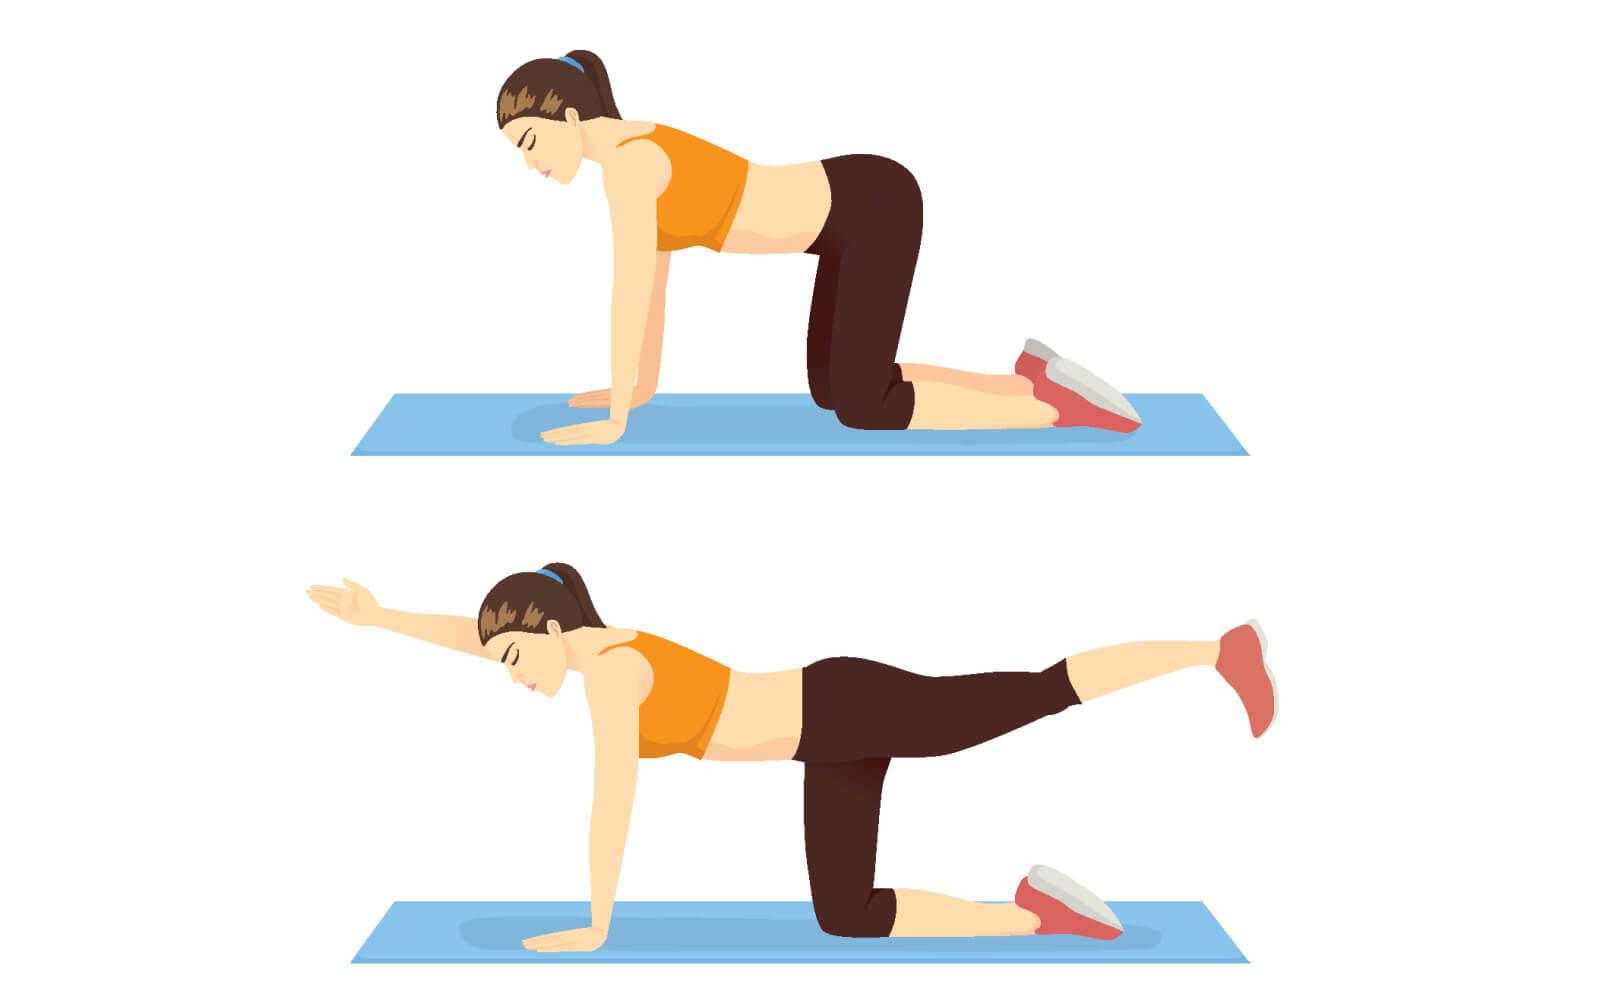 Junge Frau macht eine Pilates-Übung gegen Rückenschmerzen aus dem Vierfüßlerstand heraus.